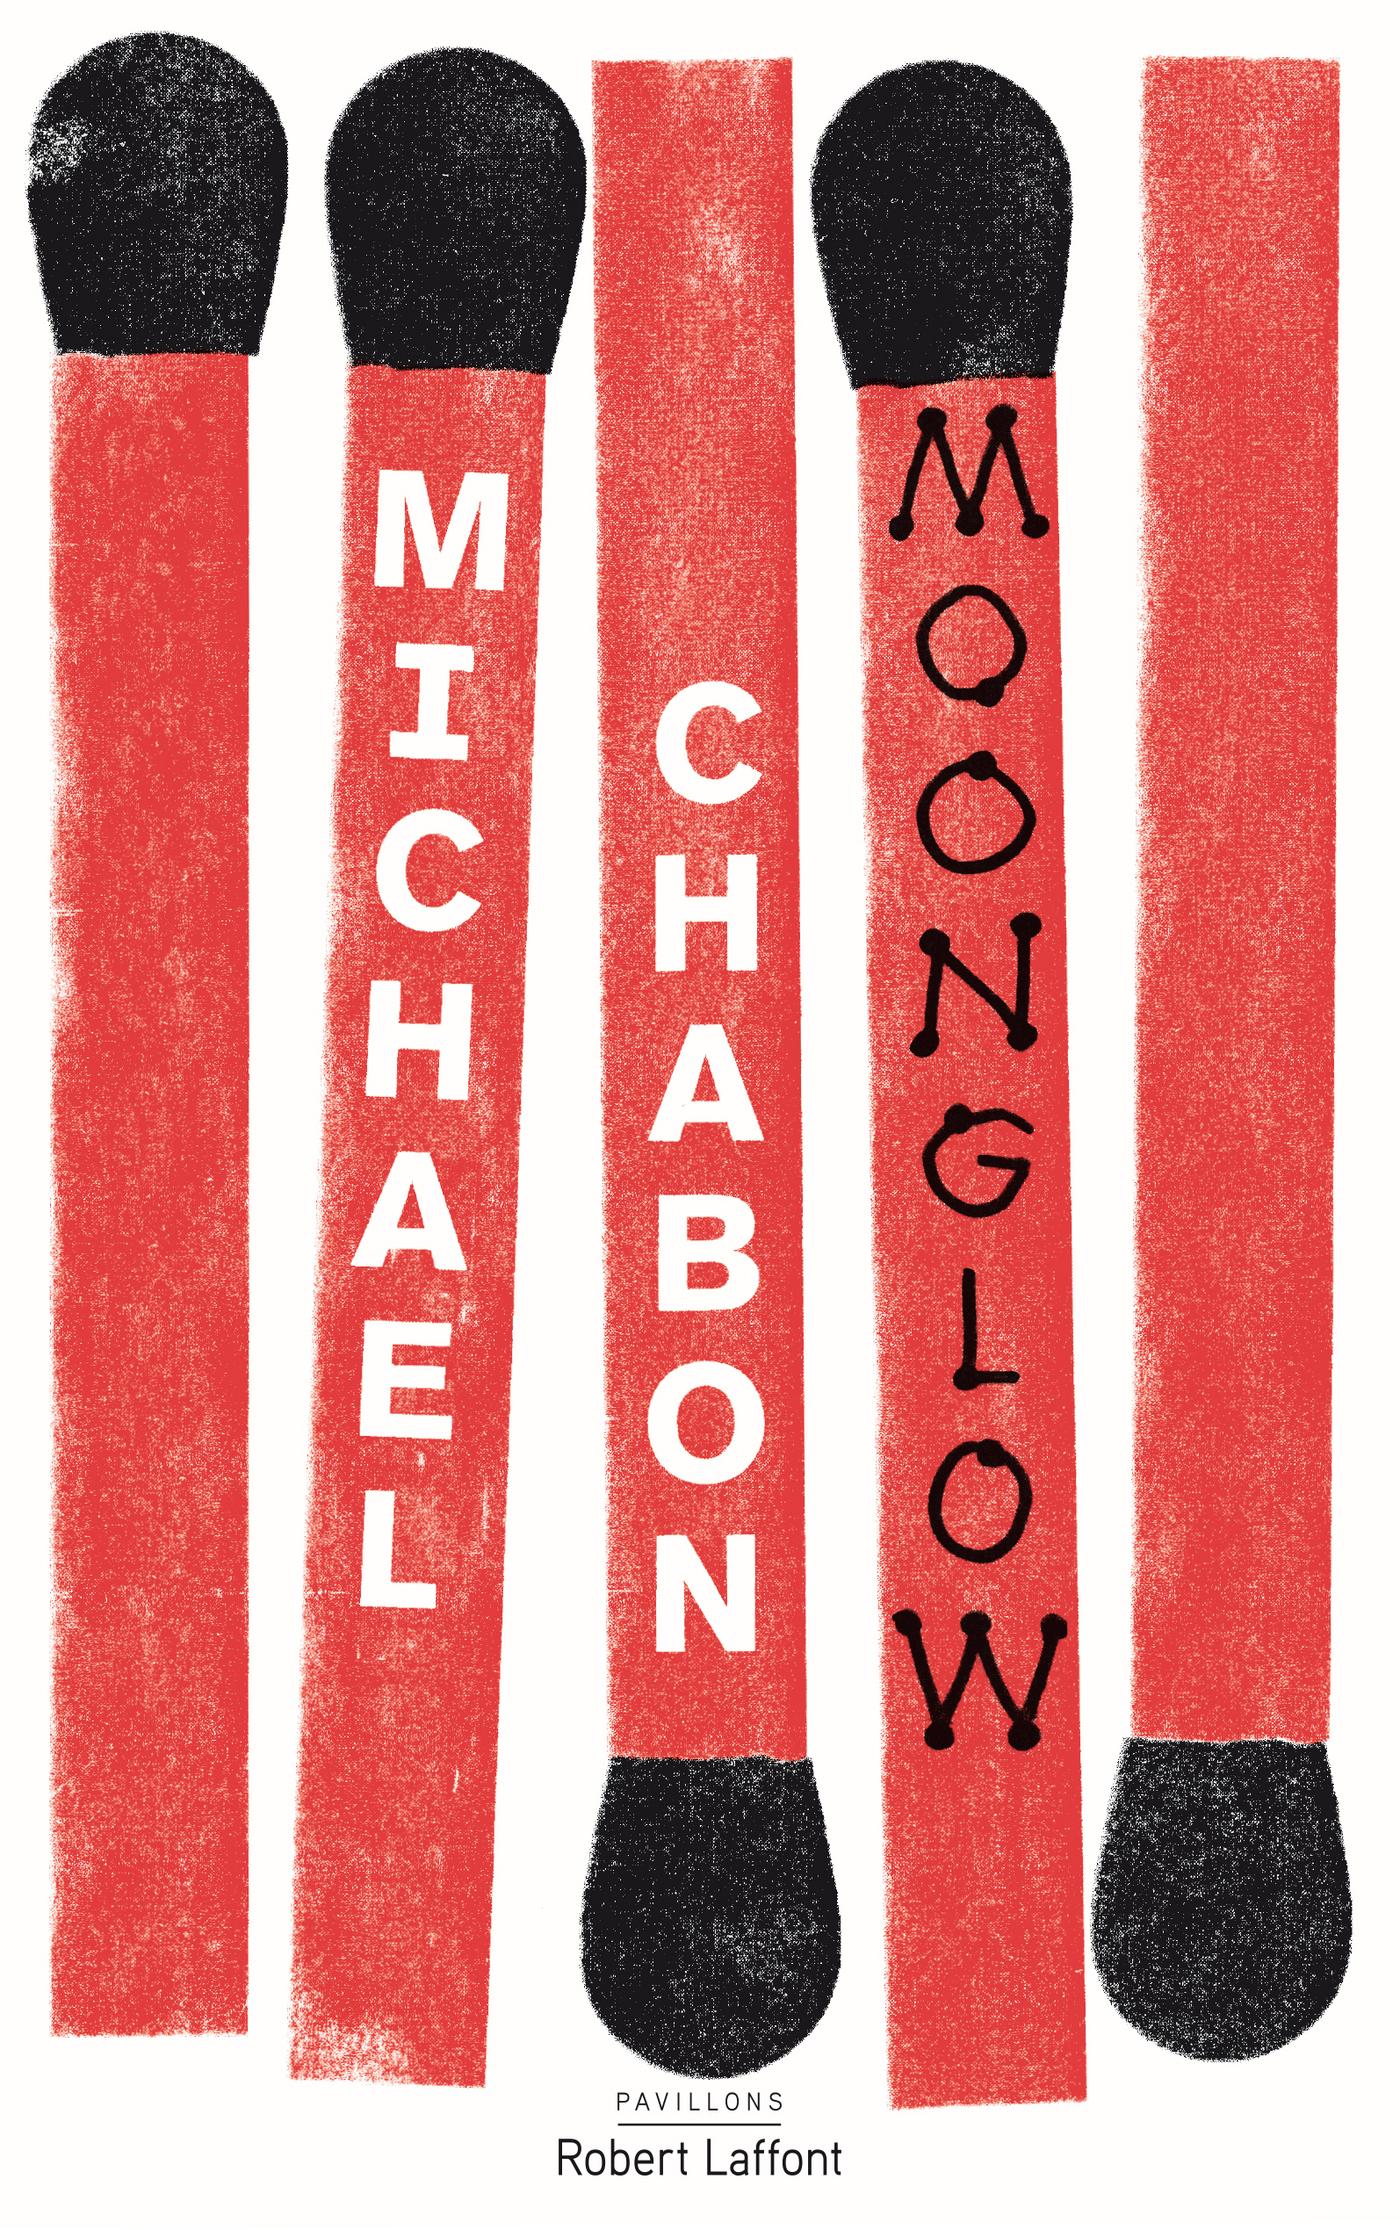 Moonglow - Édition française | CHABON, Michael